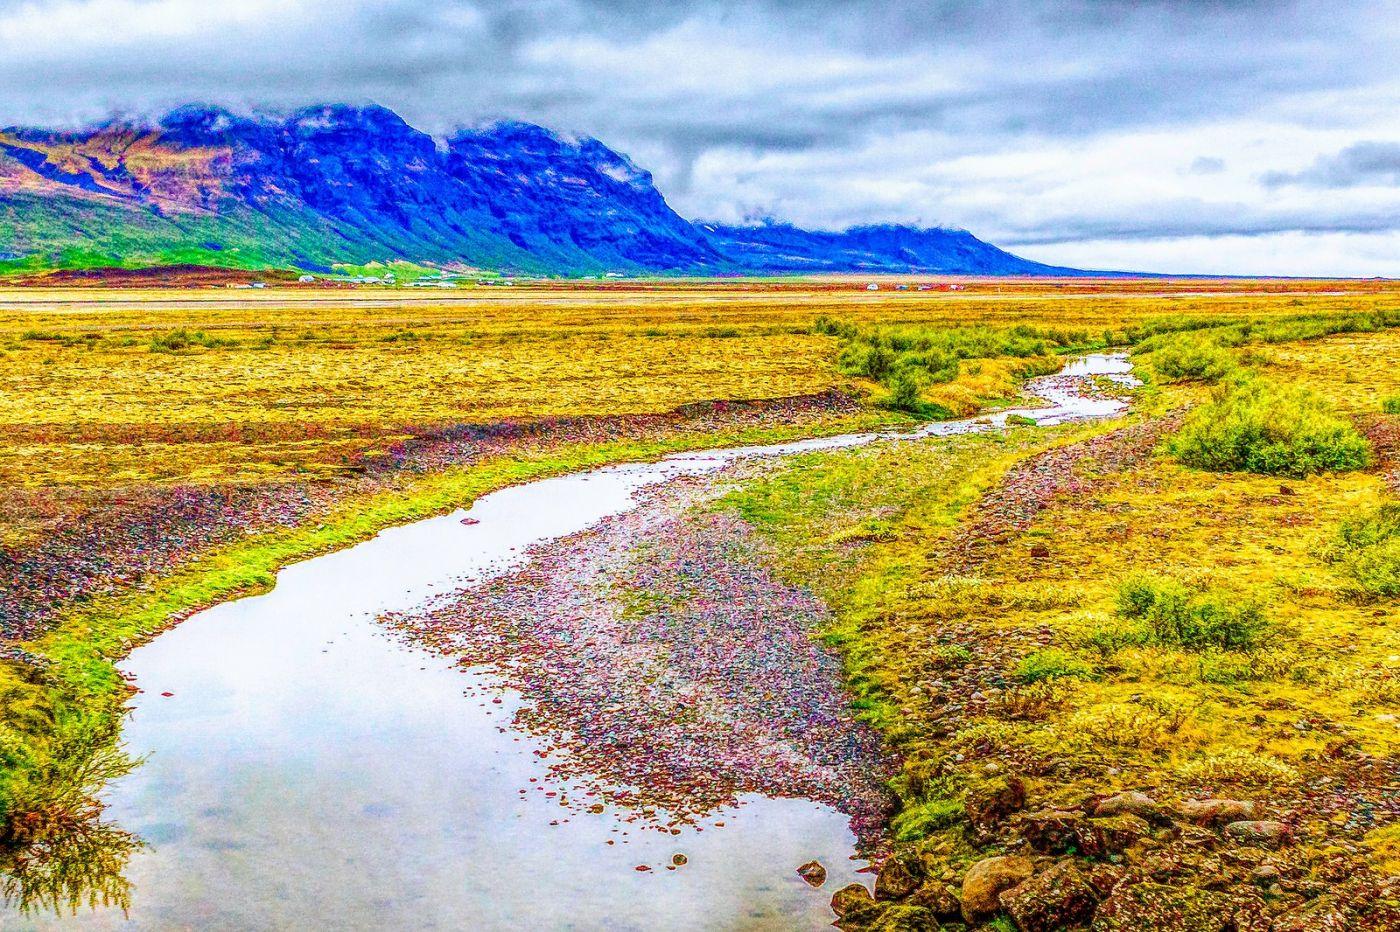 冰岛风采,延伸视野_图1-11